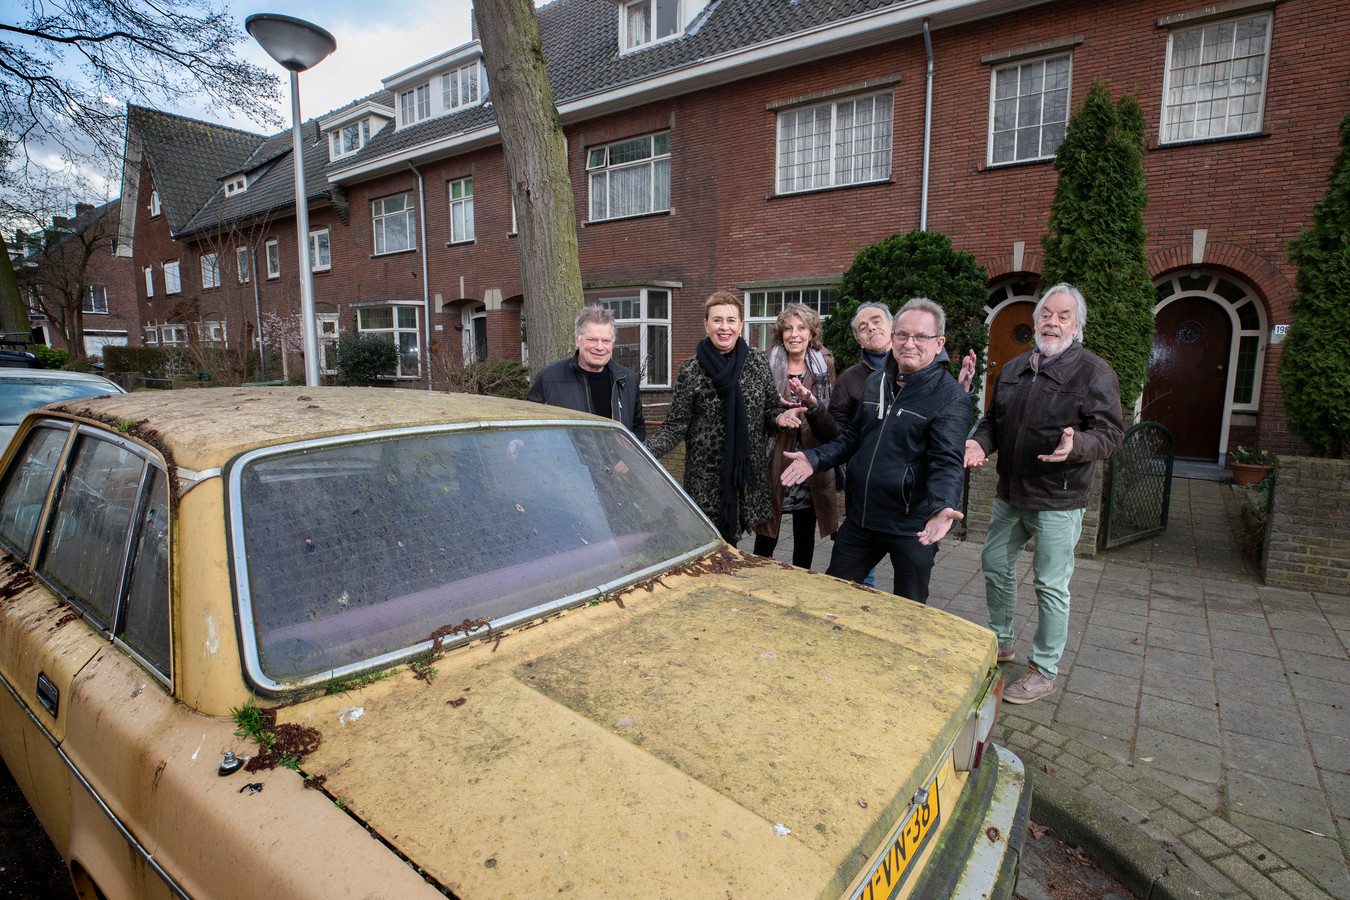 De met mos begroeide Volvo voor de deur van Ineke Paijens (foto 11 februari).